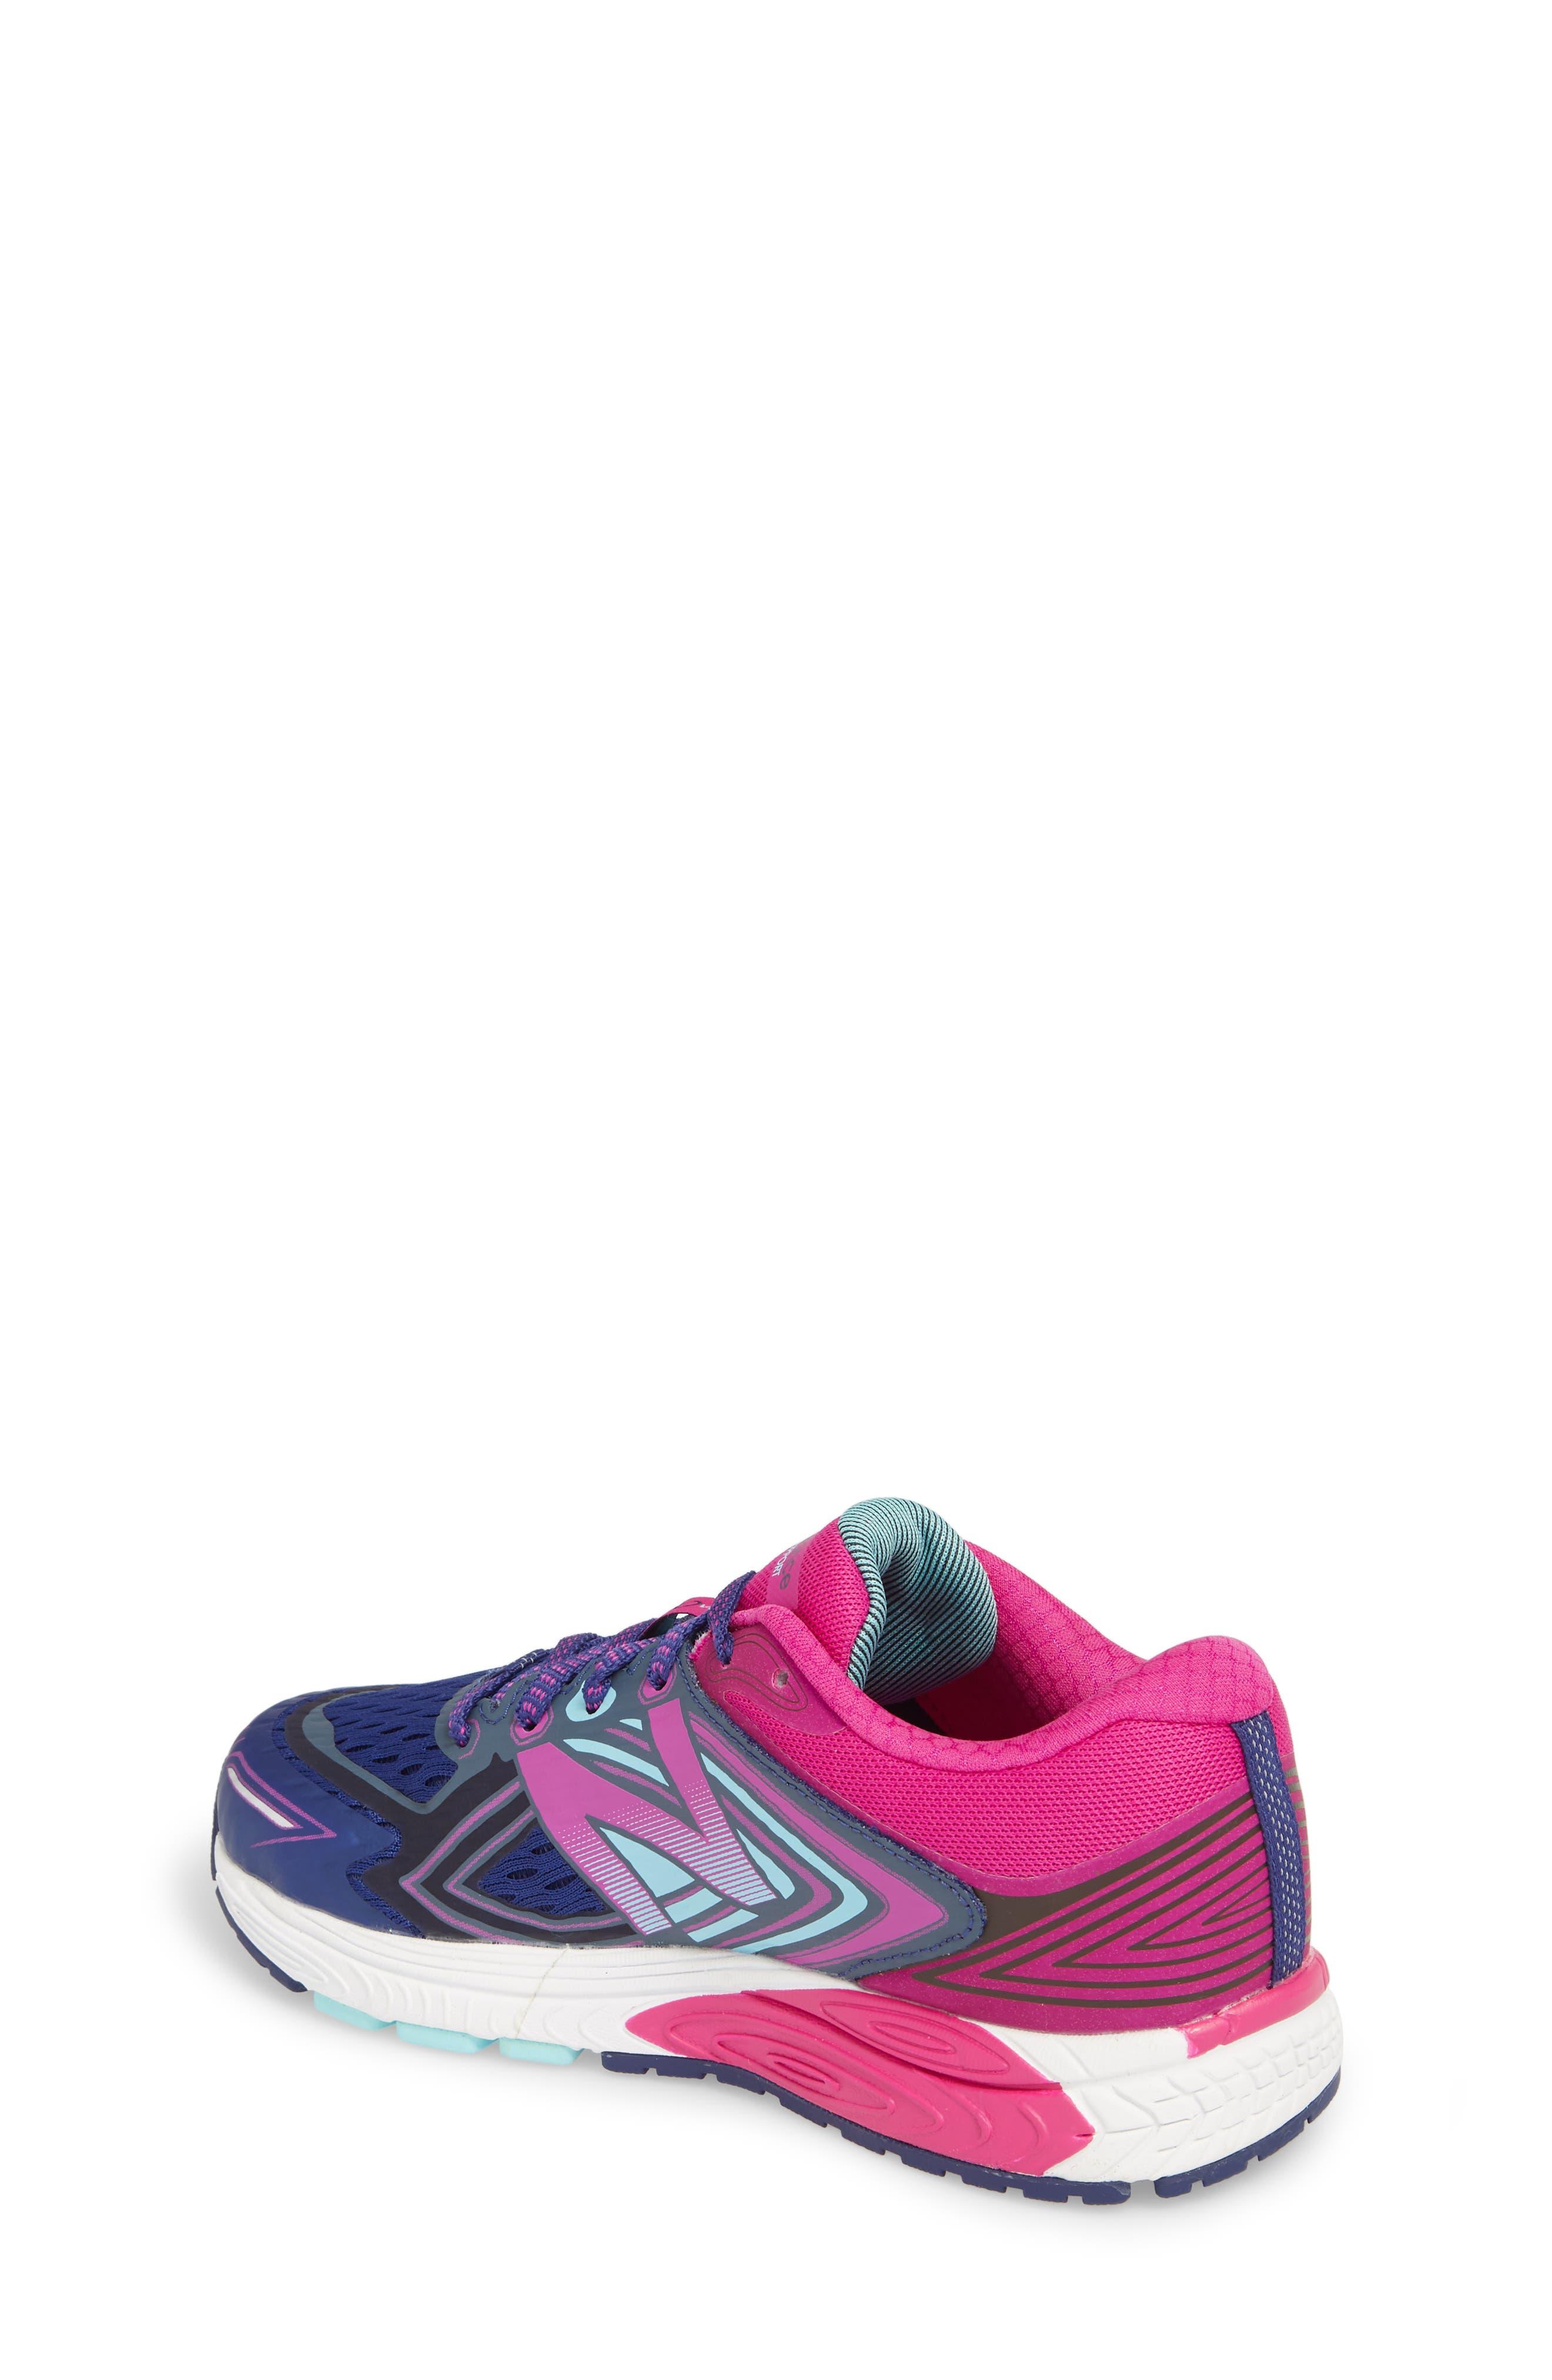 860v8 Sneaker,                             Alternate thumbnail 2, color,                             410